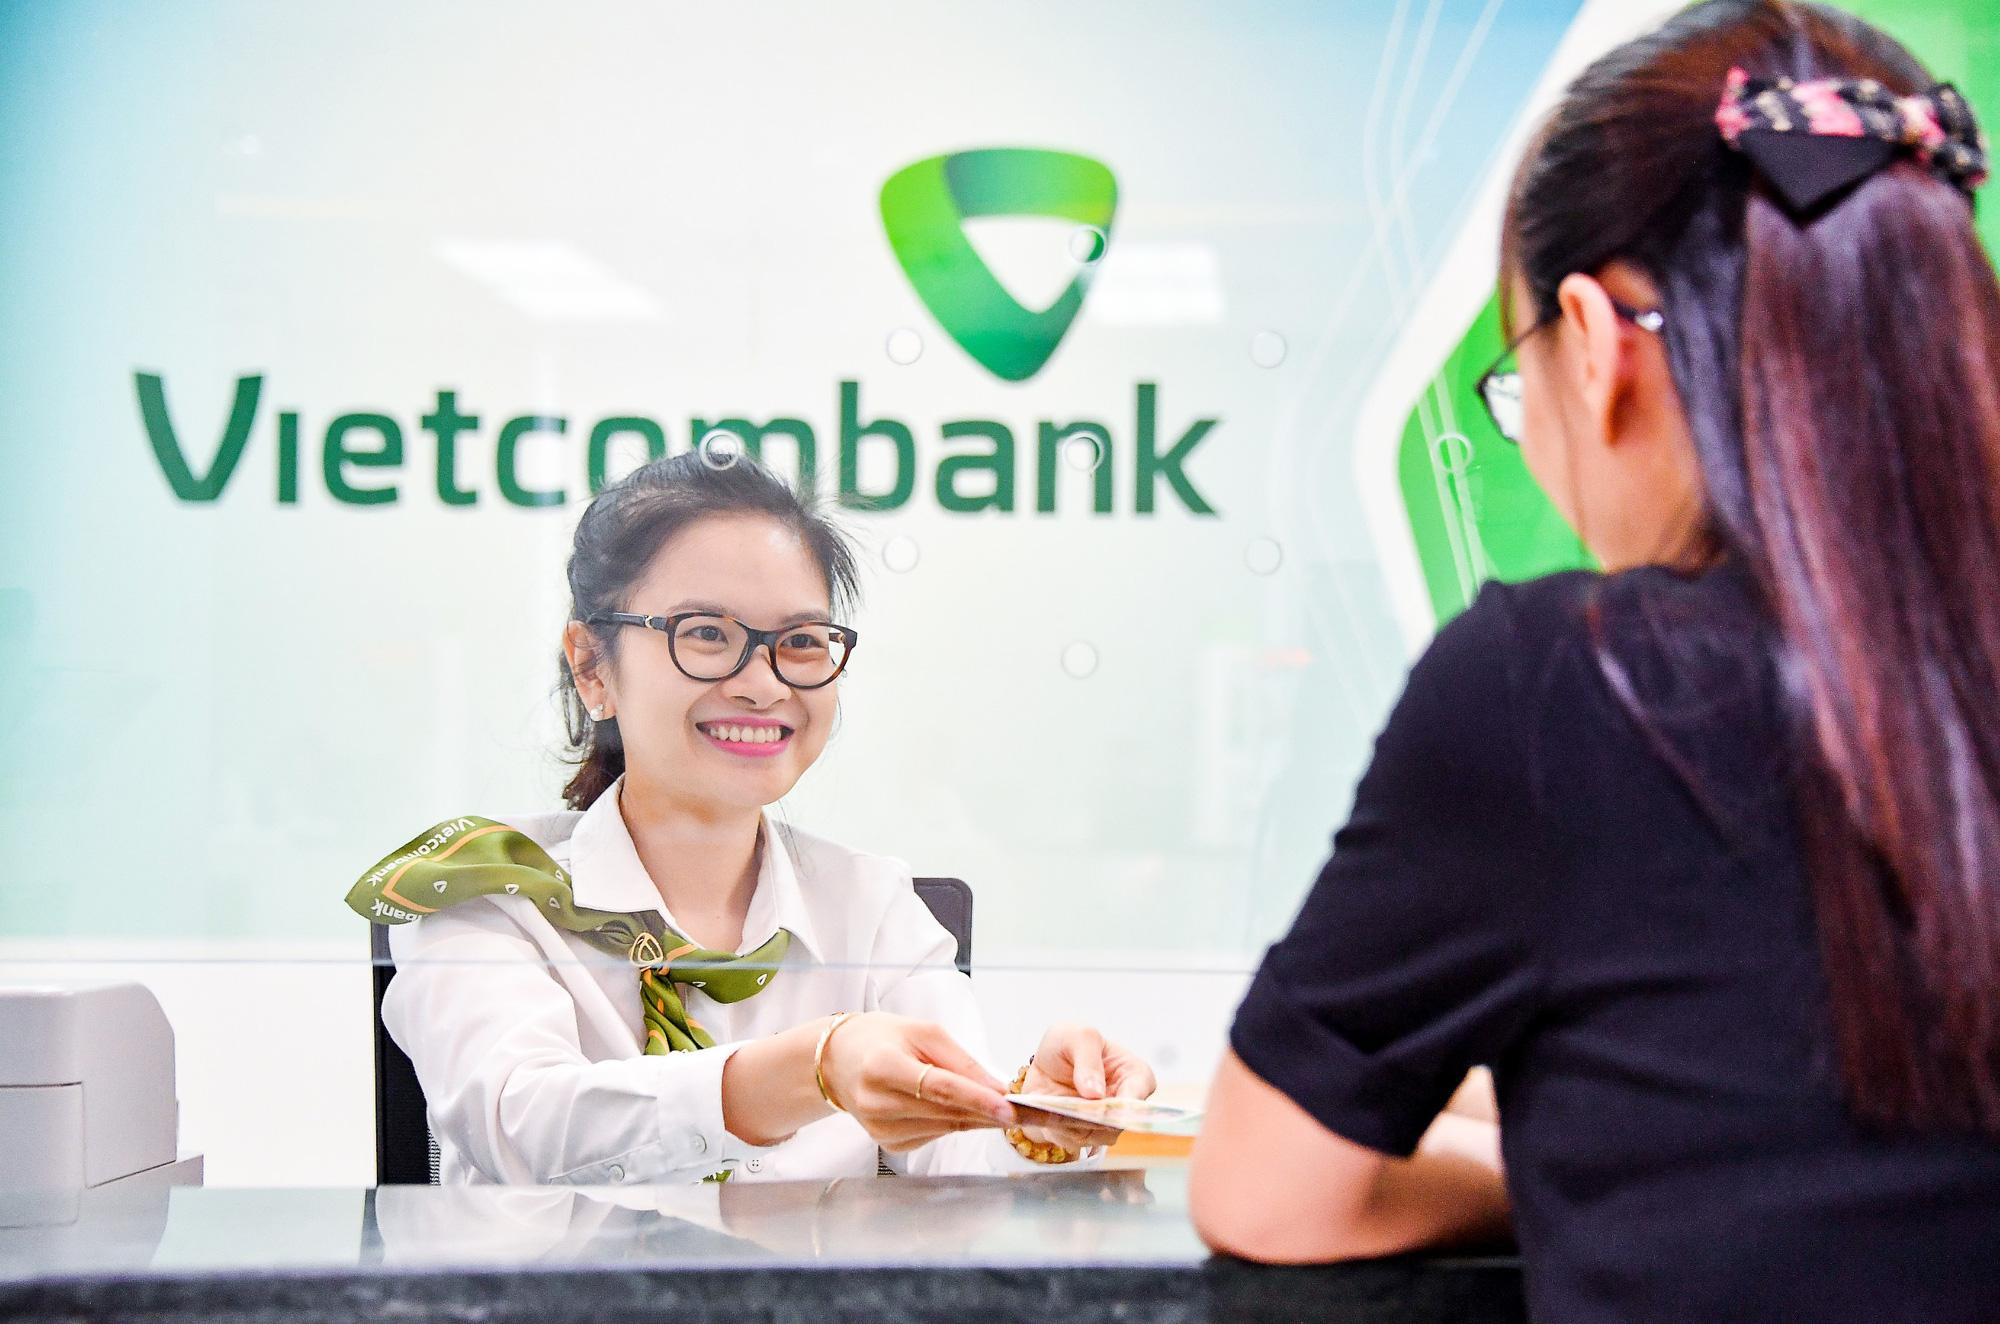 Lãi suất ngân hàng Vietcombank mới nhất tháng 10/2020  - Ảnh 1.